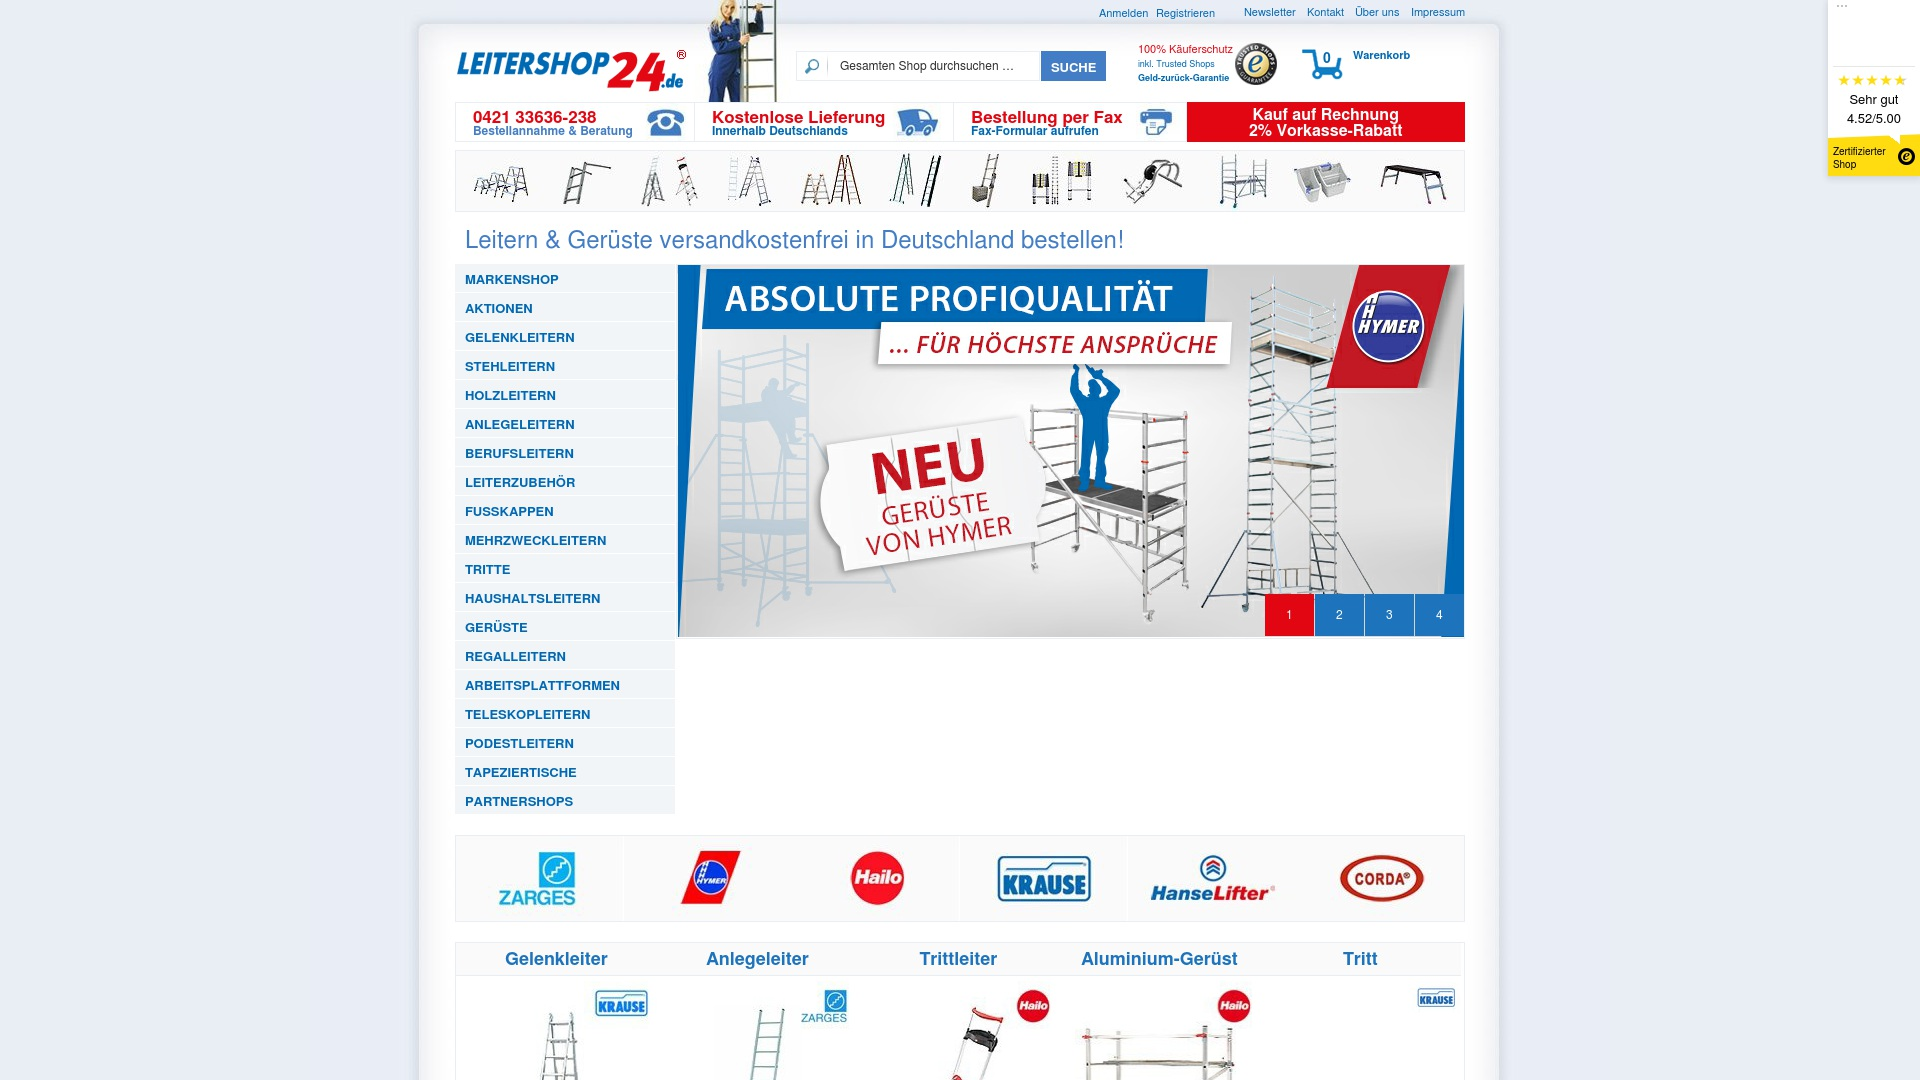 Gutschein für Leitershop24: Rabatte für  Leitershop24 sichern